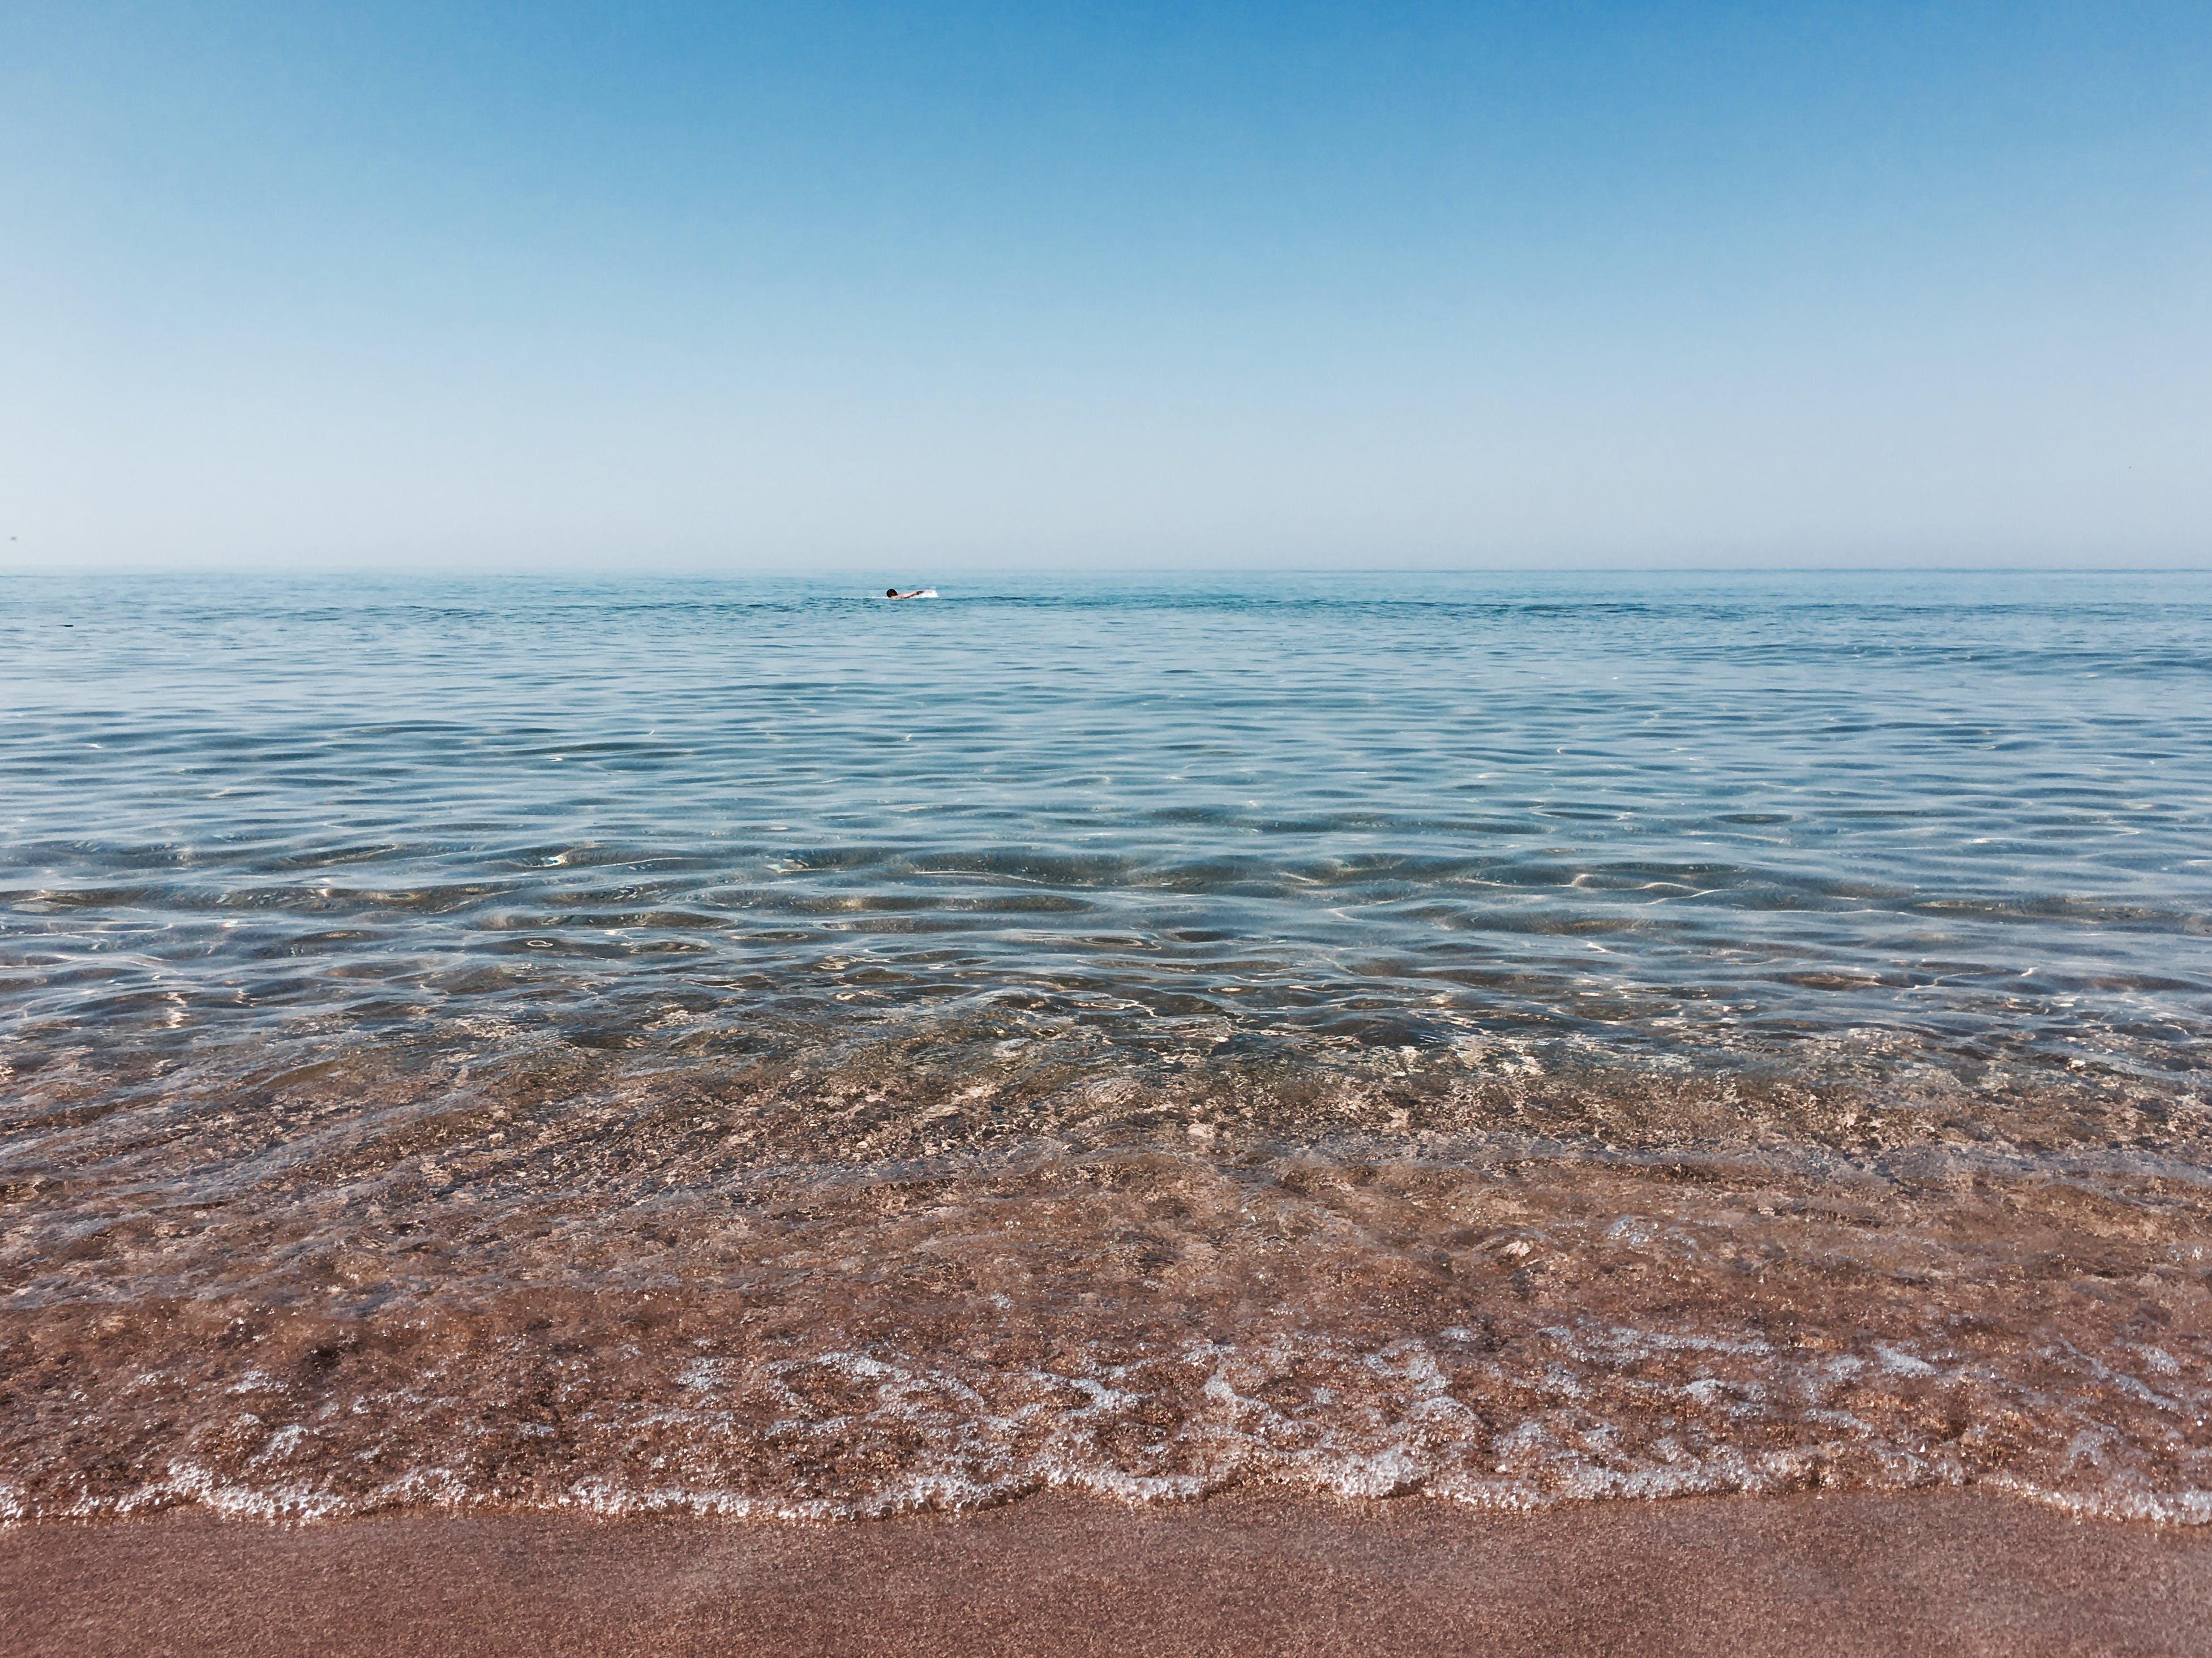 地平線, 天性, 岸邊, 水 的 免費圖庫相片